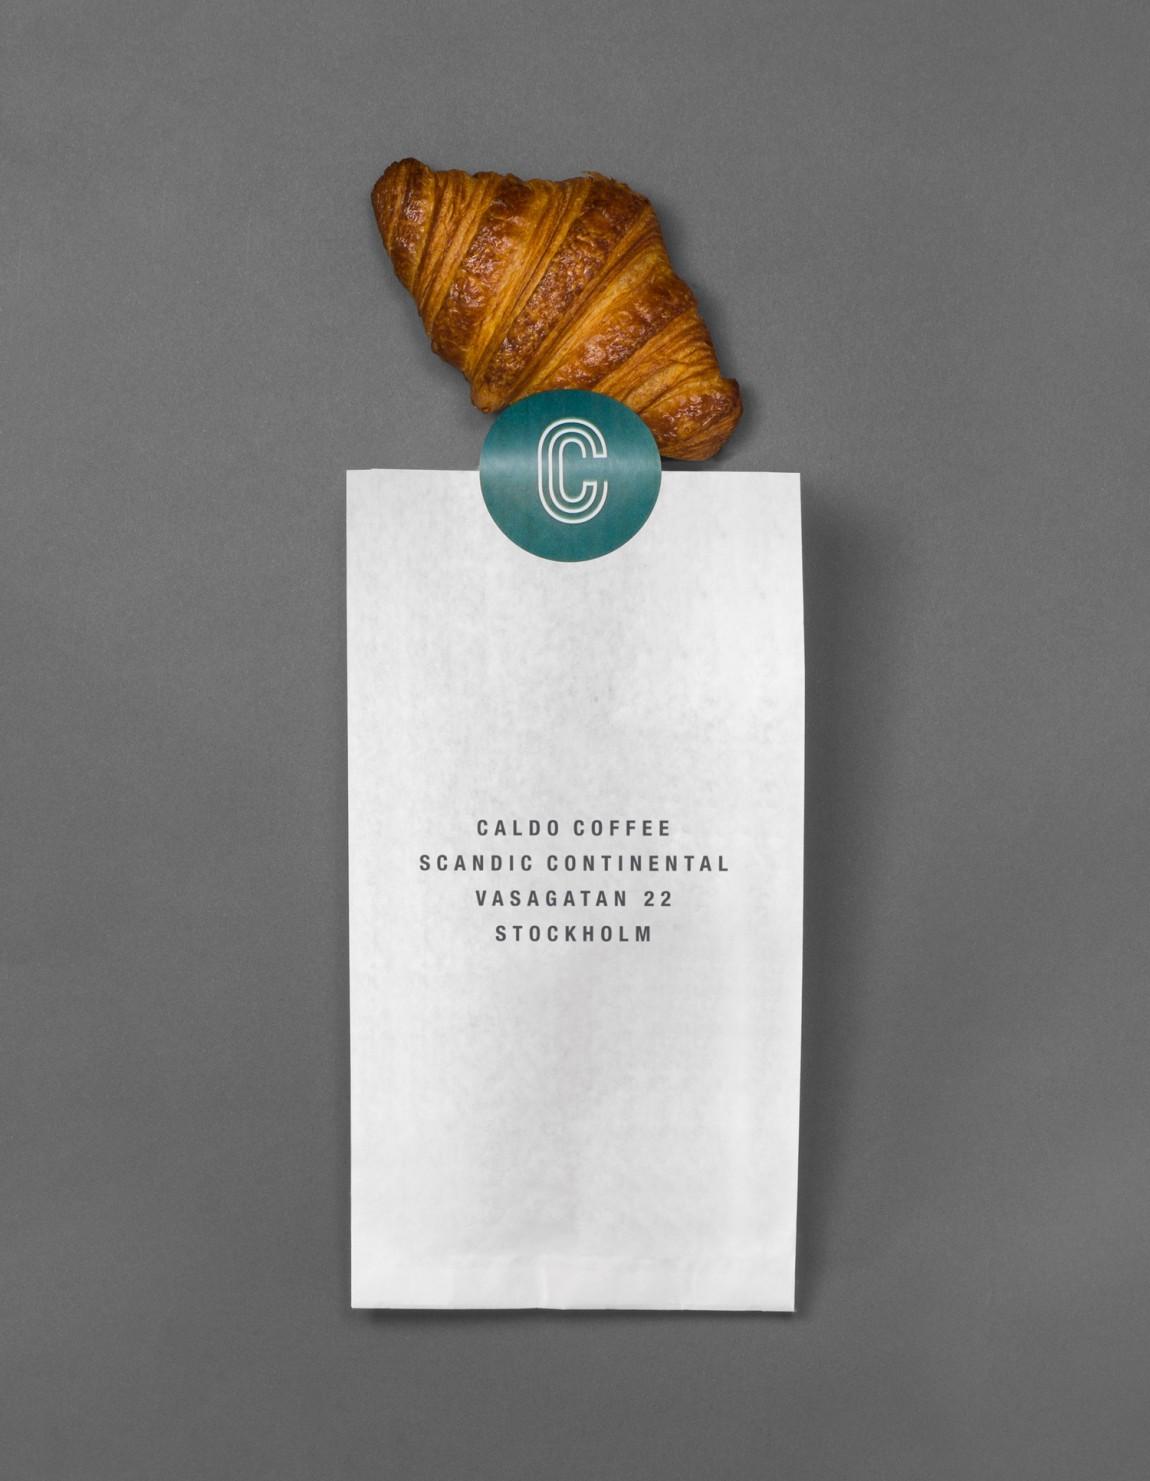 轻食咖啡馆Caldo连锁品牌标志logo设计,袋子设计